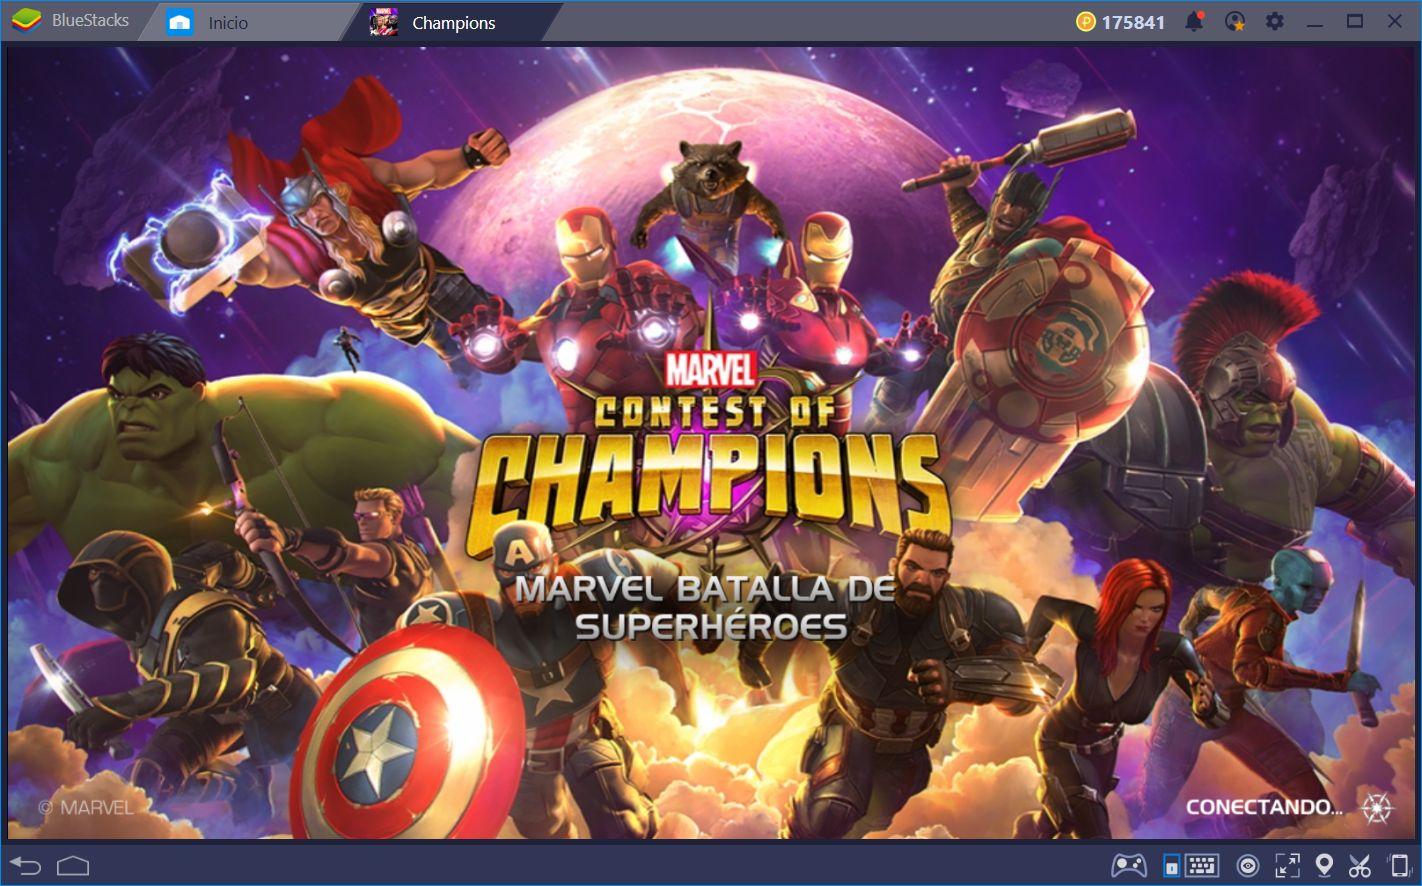 Avengers Endgame: Vive la Emoción del Filme Más Reciente de Avengers con Estos Eventos